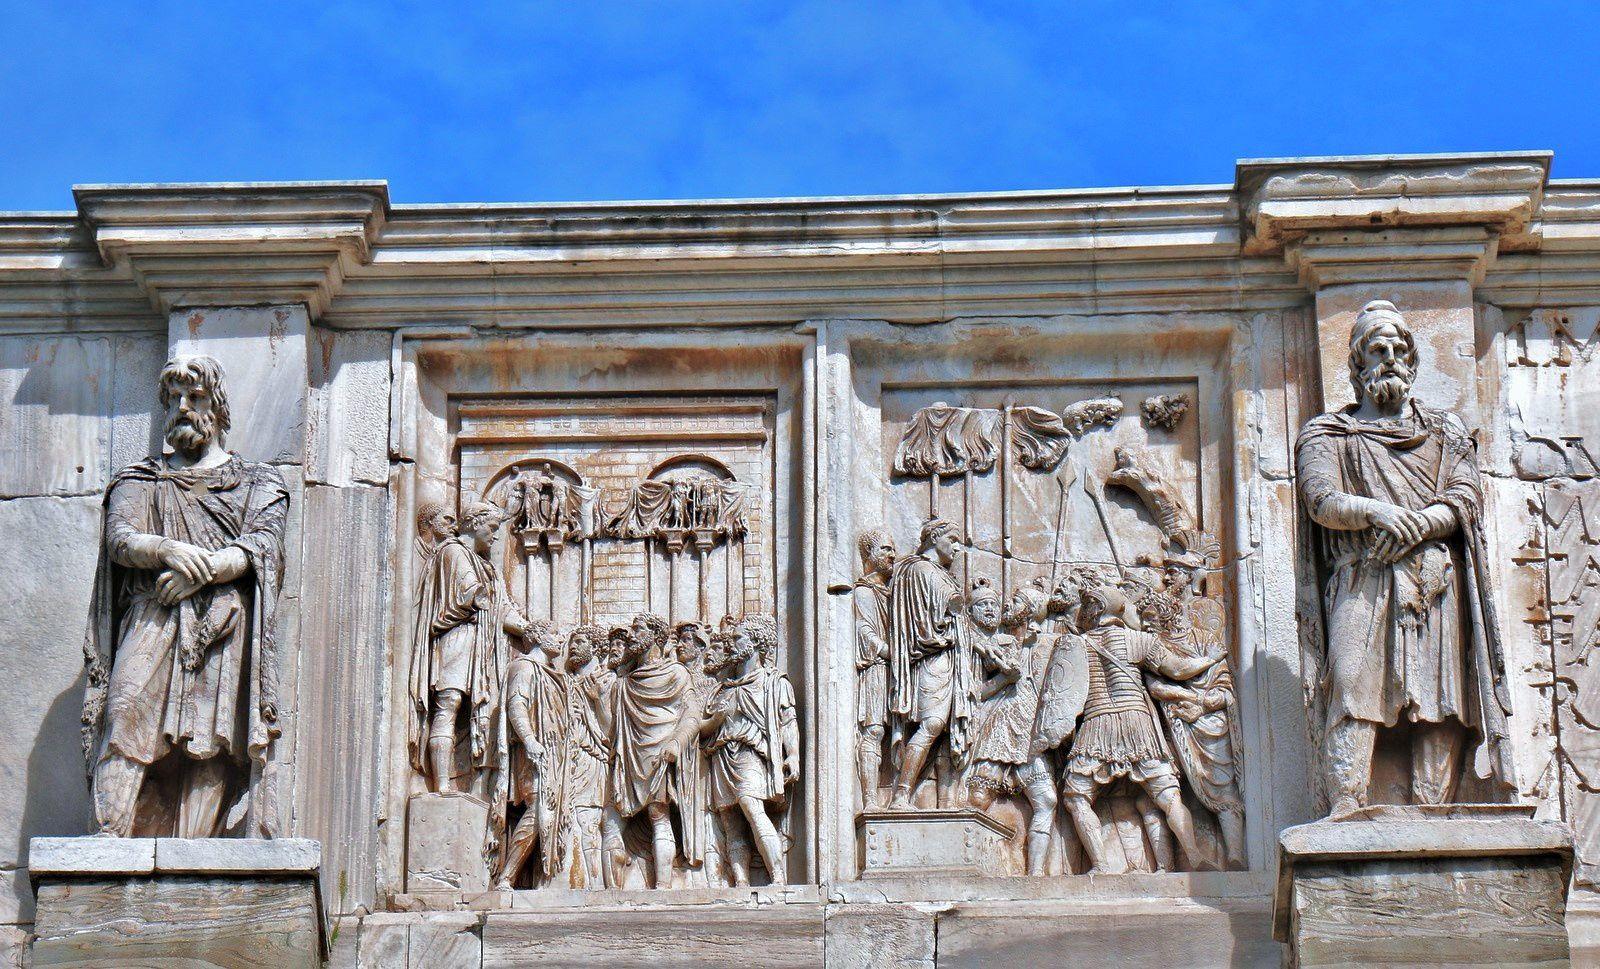 Un chef ennemi prisonnier amené devant l'empereur et D'autres prisonniers présentés à l'empereur